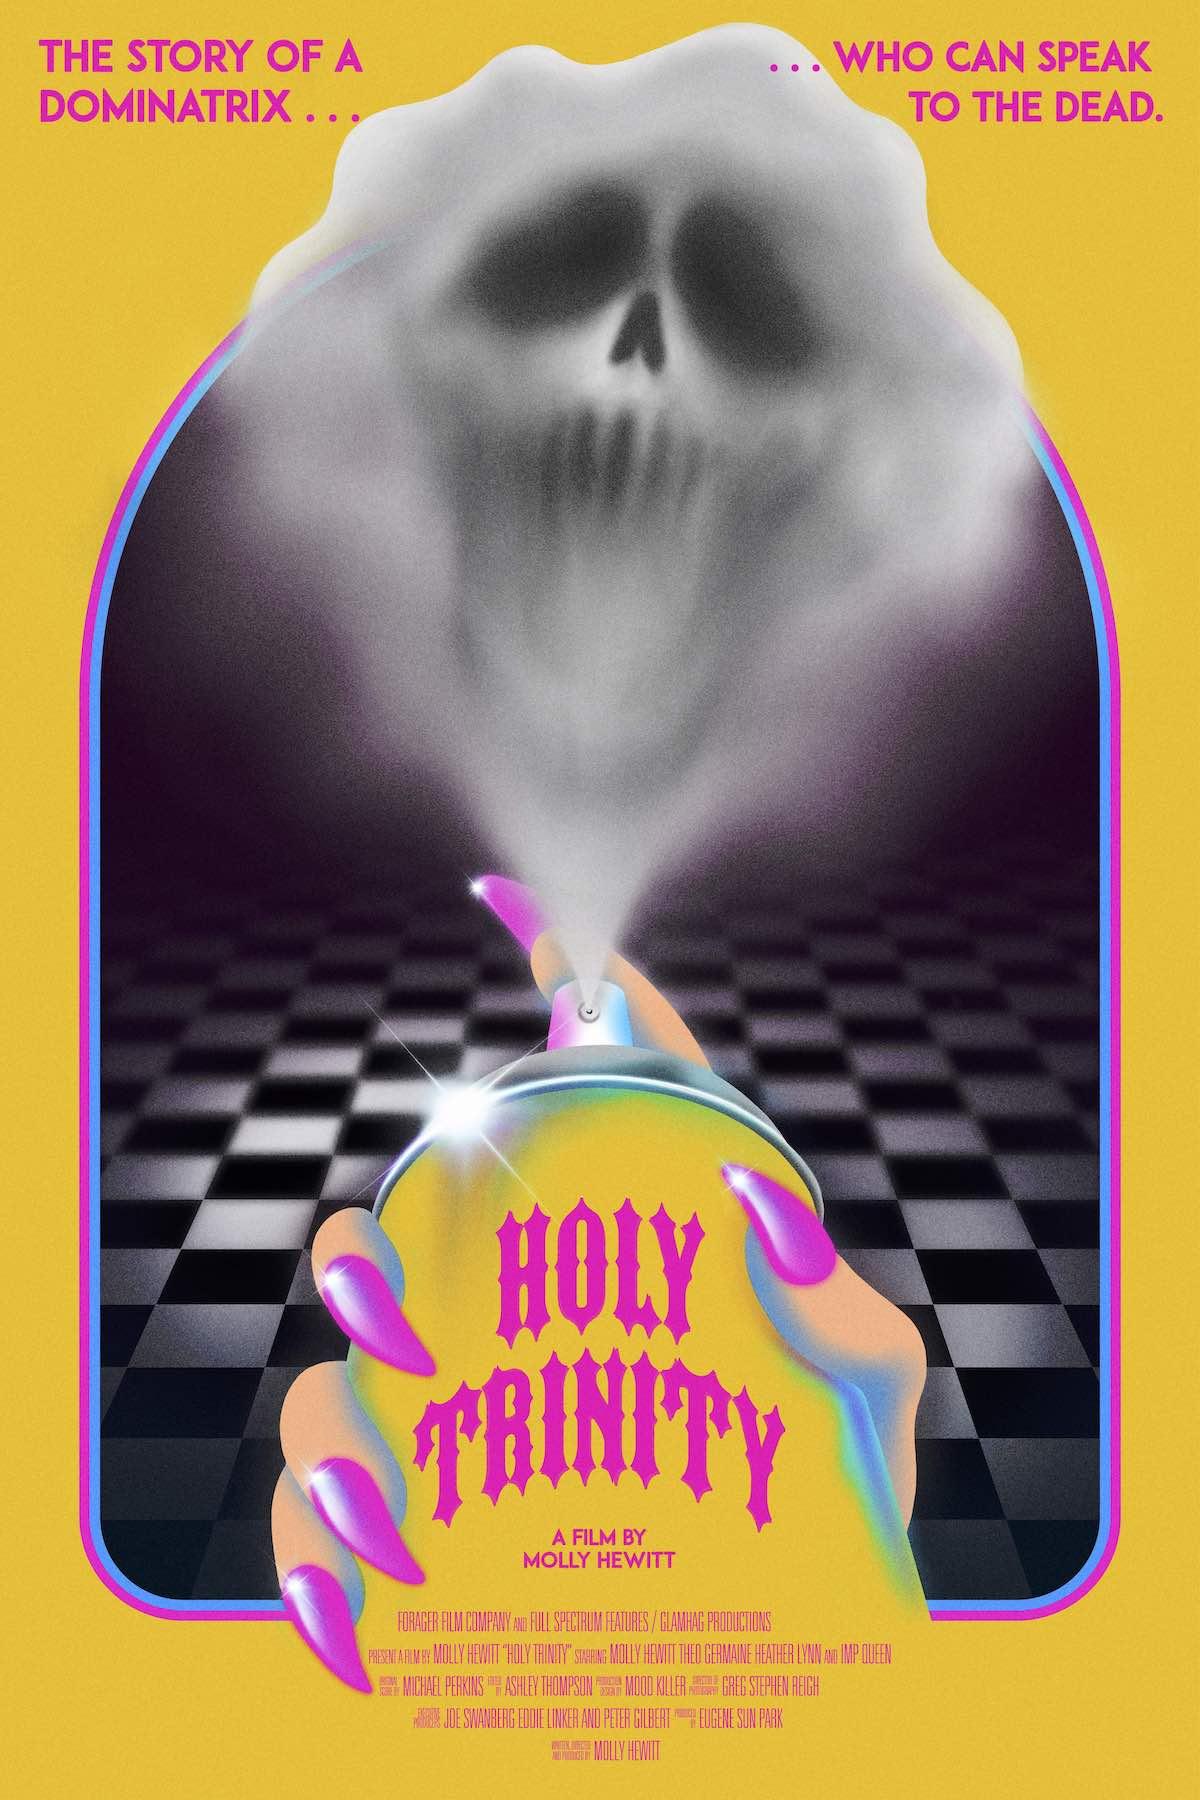 Holy_Trinity_Poster_final_SM copy.jpg